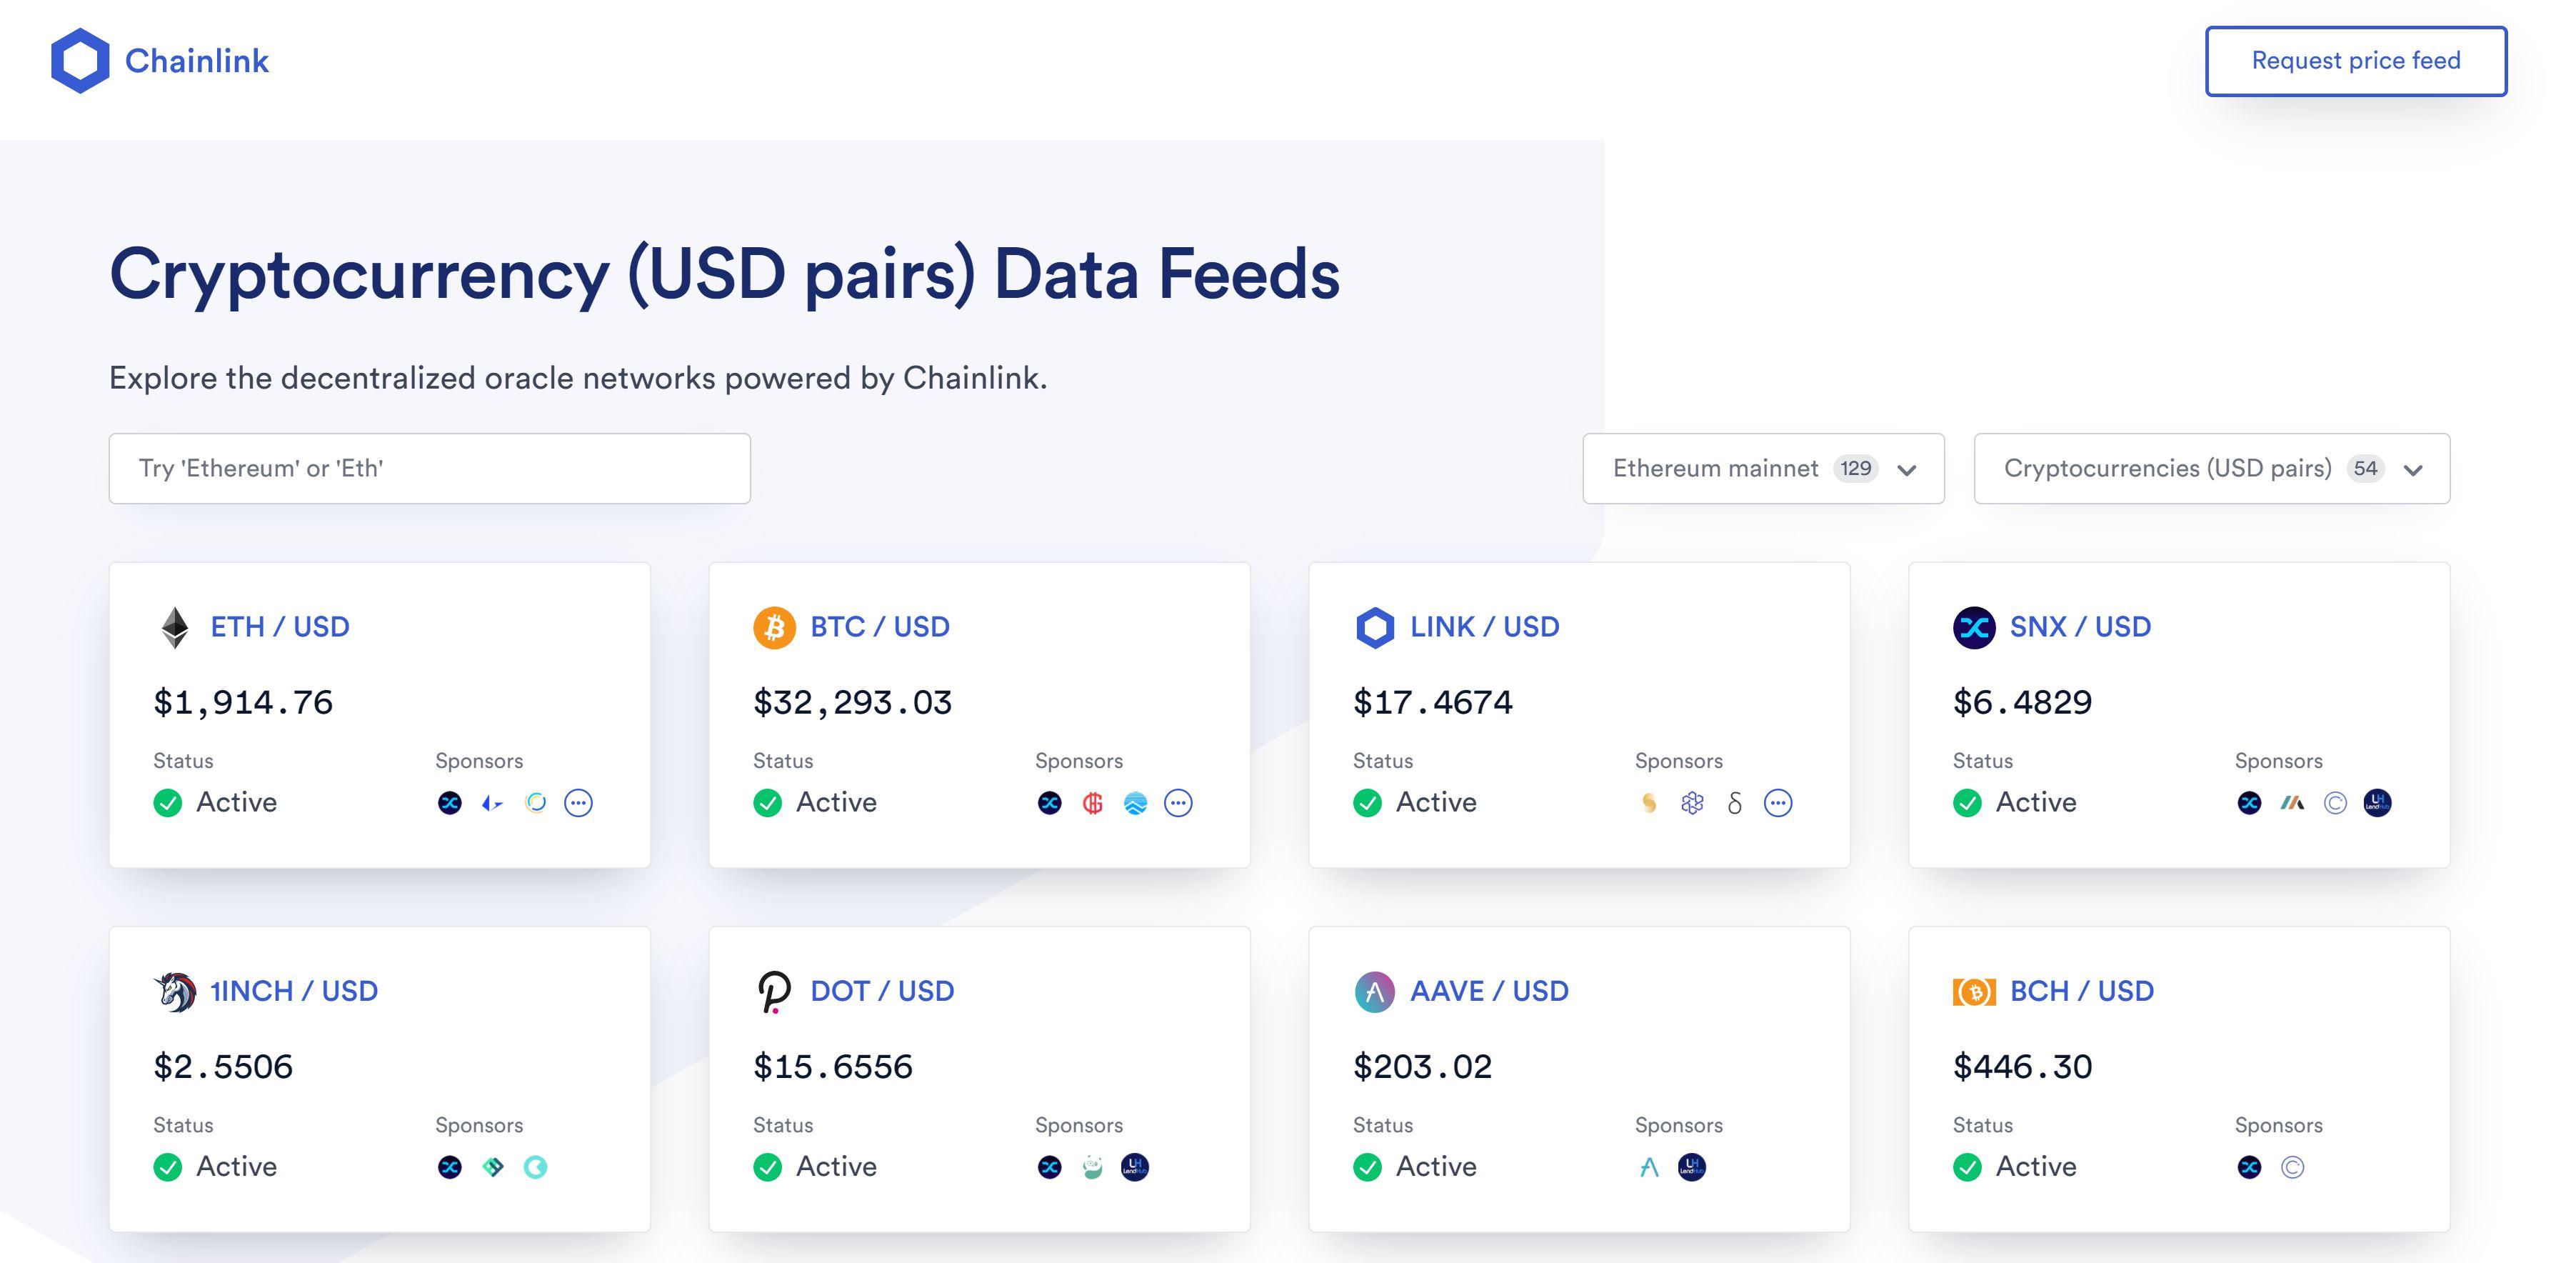 Comercio de criptomonedas ChainLink